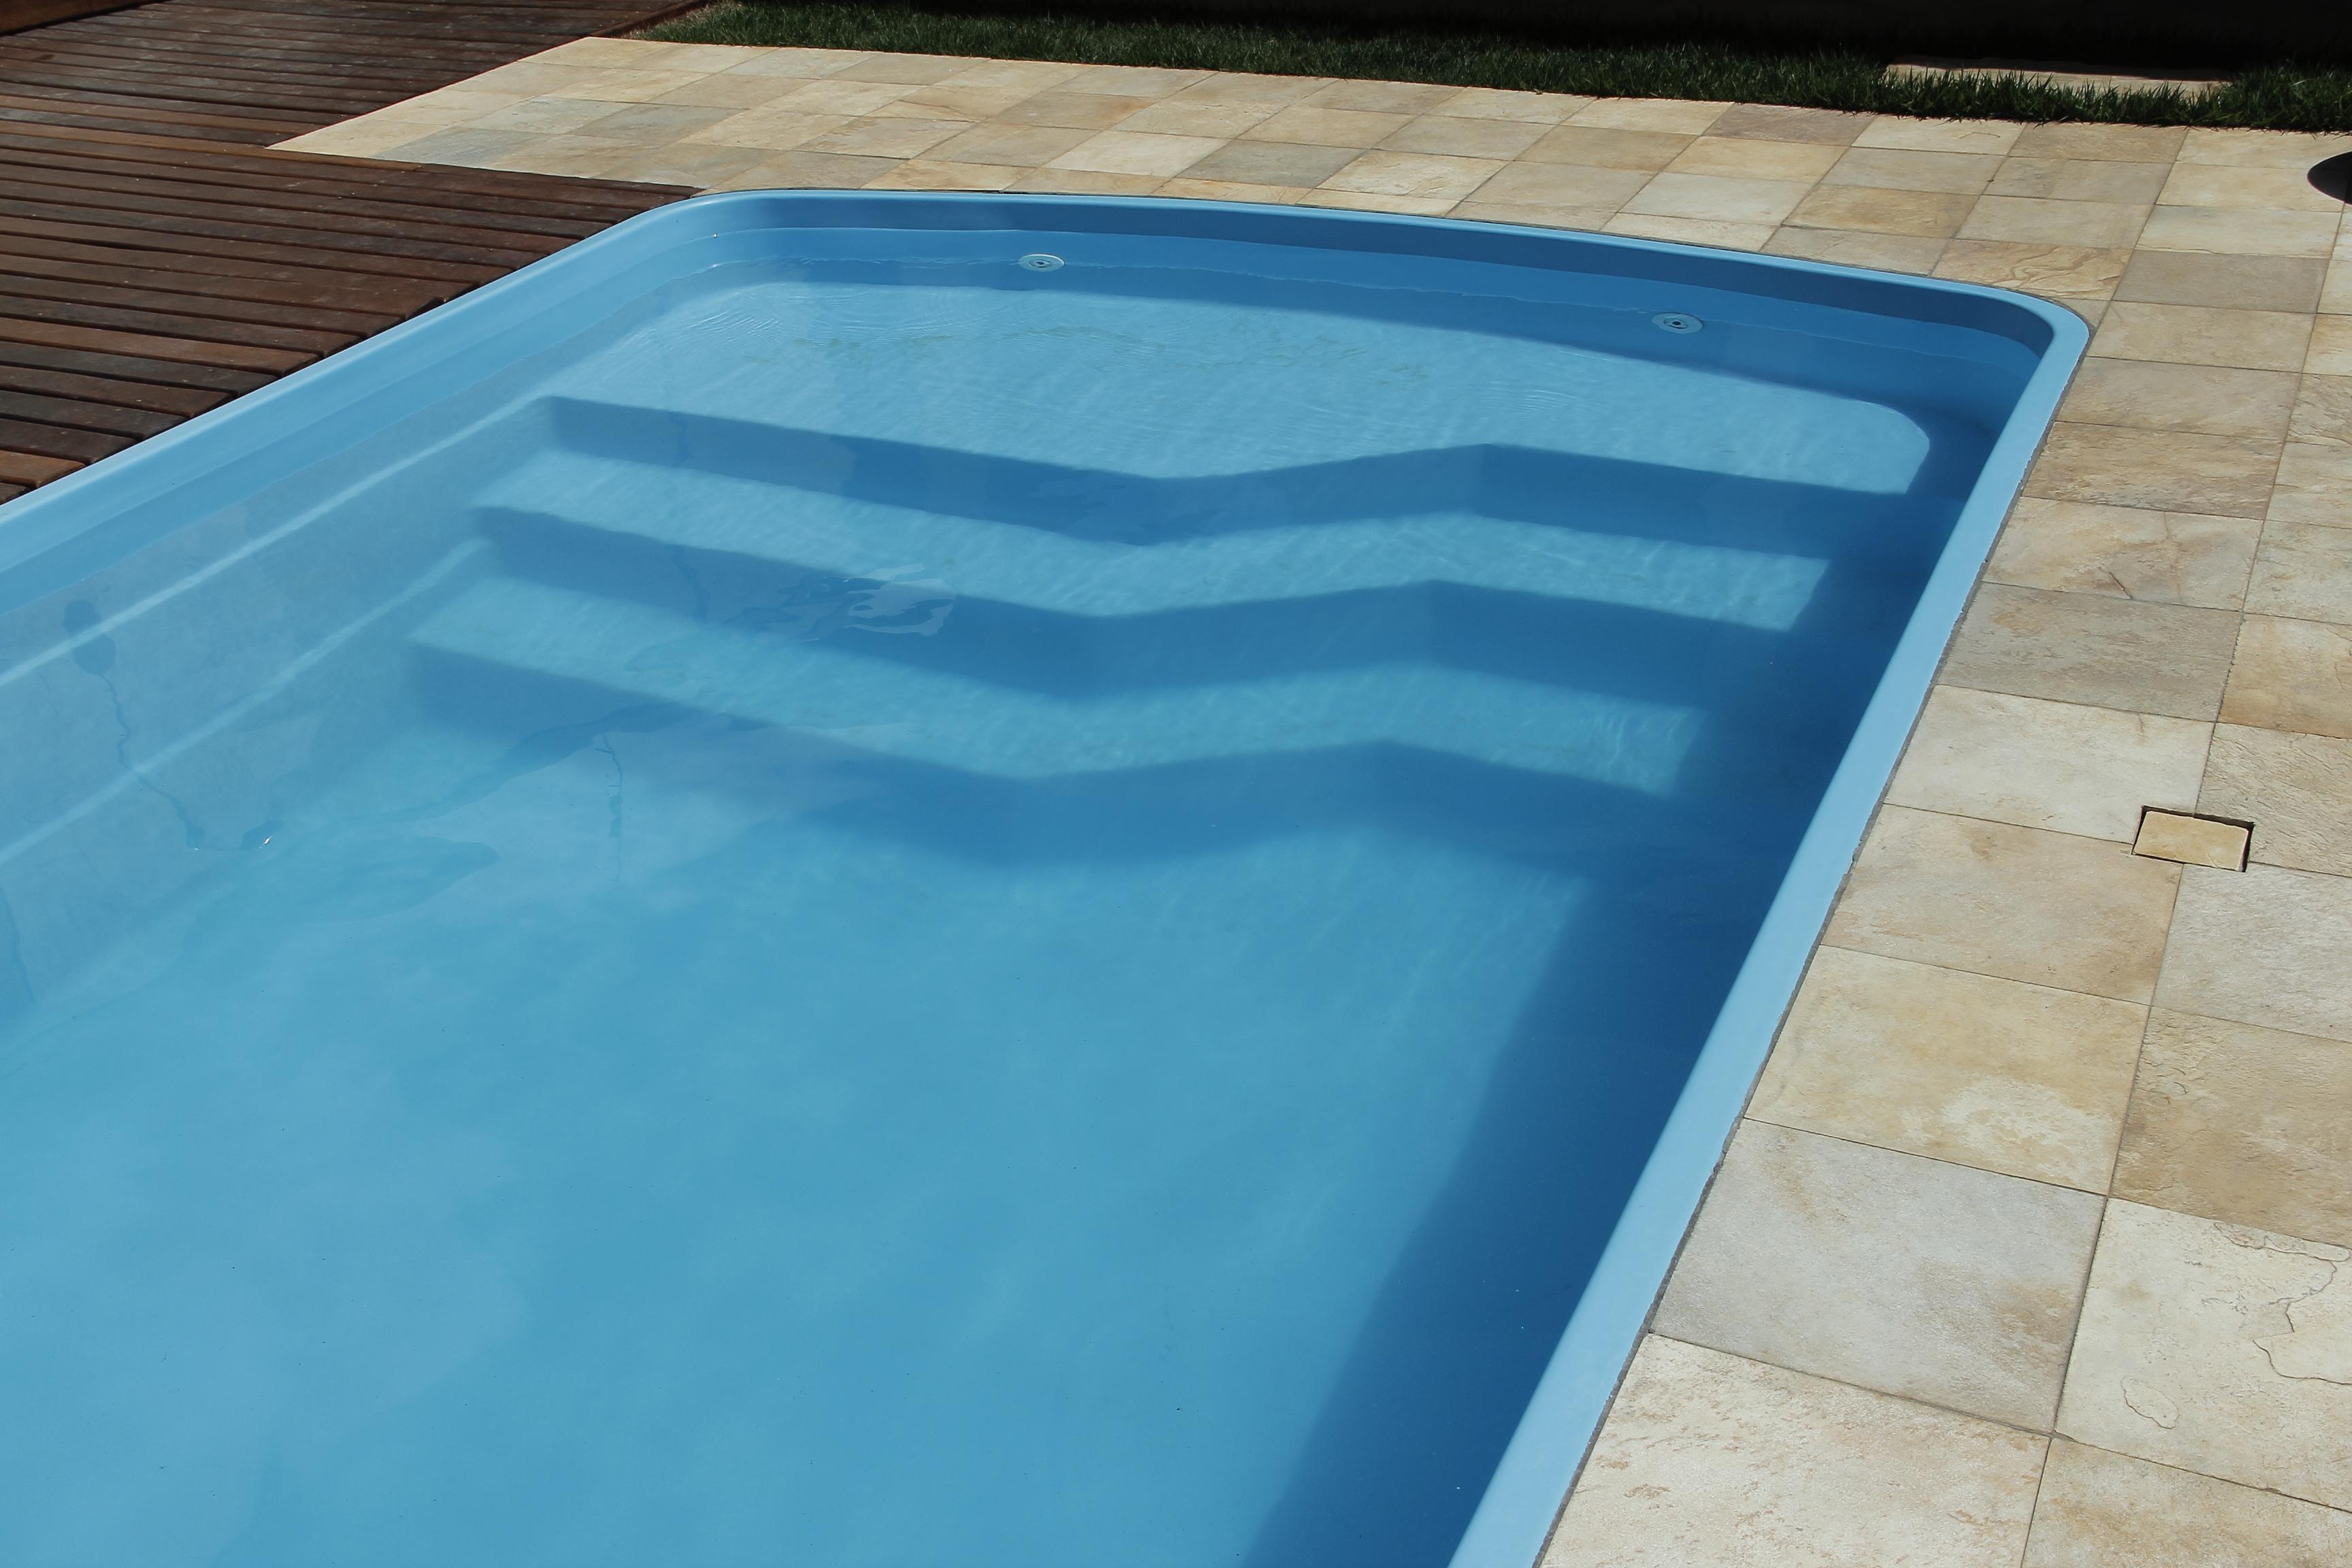 Piscinas de fibra bh mg piscina piscinas bh modelos for Piscina 7 mil litros